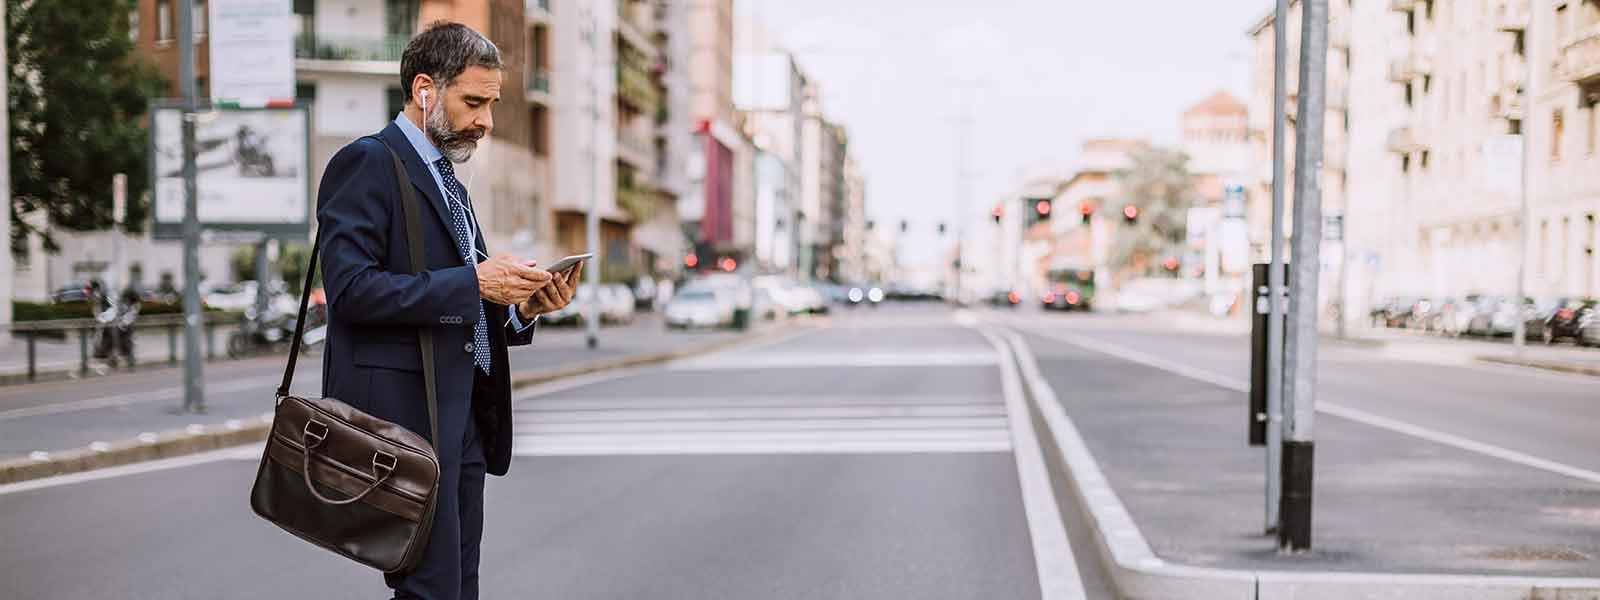 man_on_cell_phone_walking_in_crosswalk